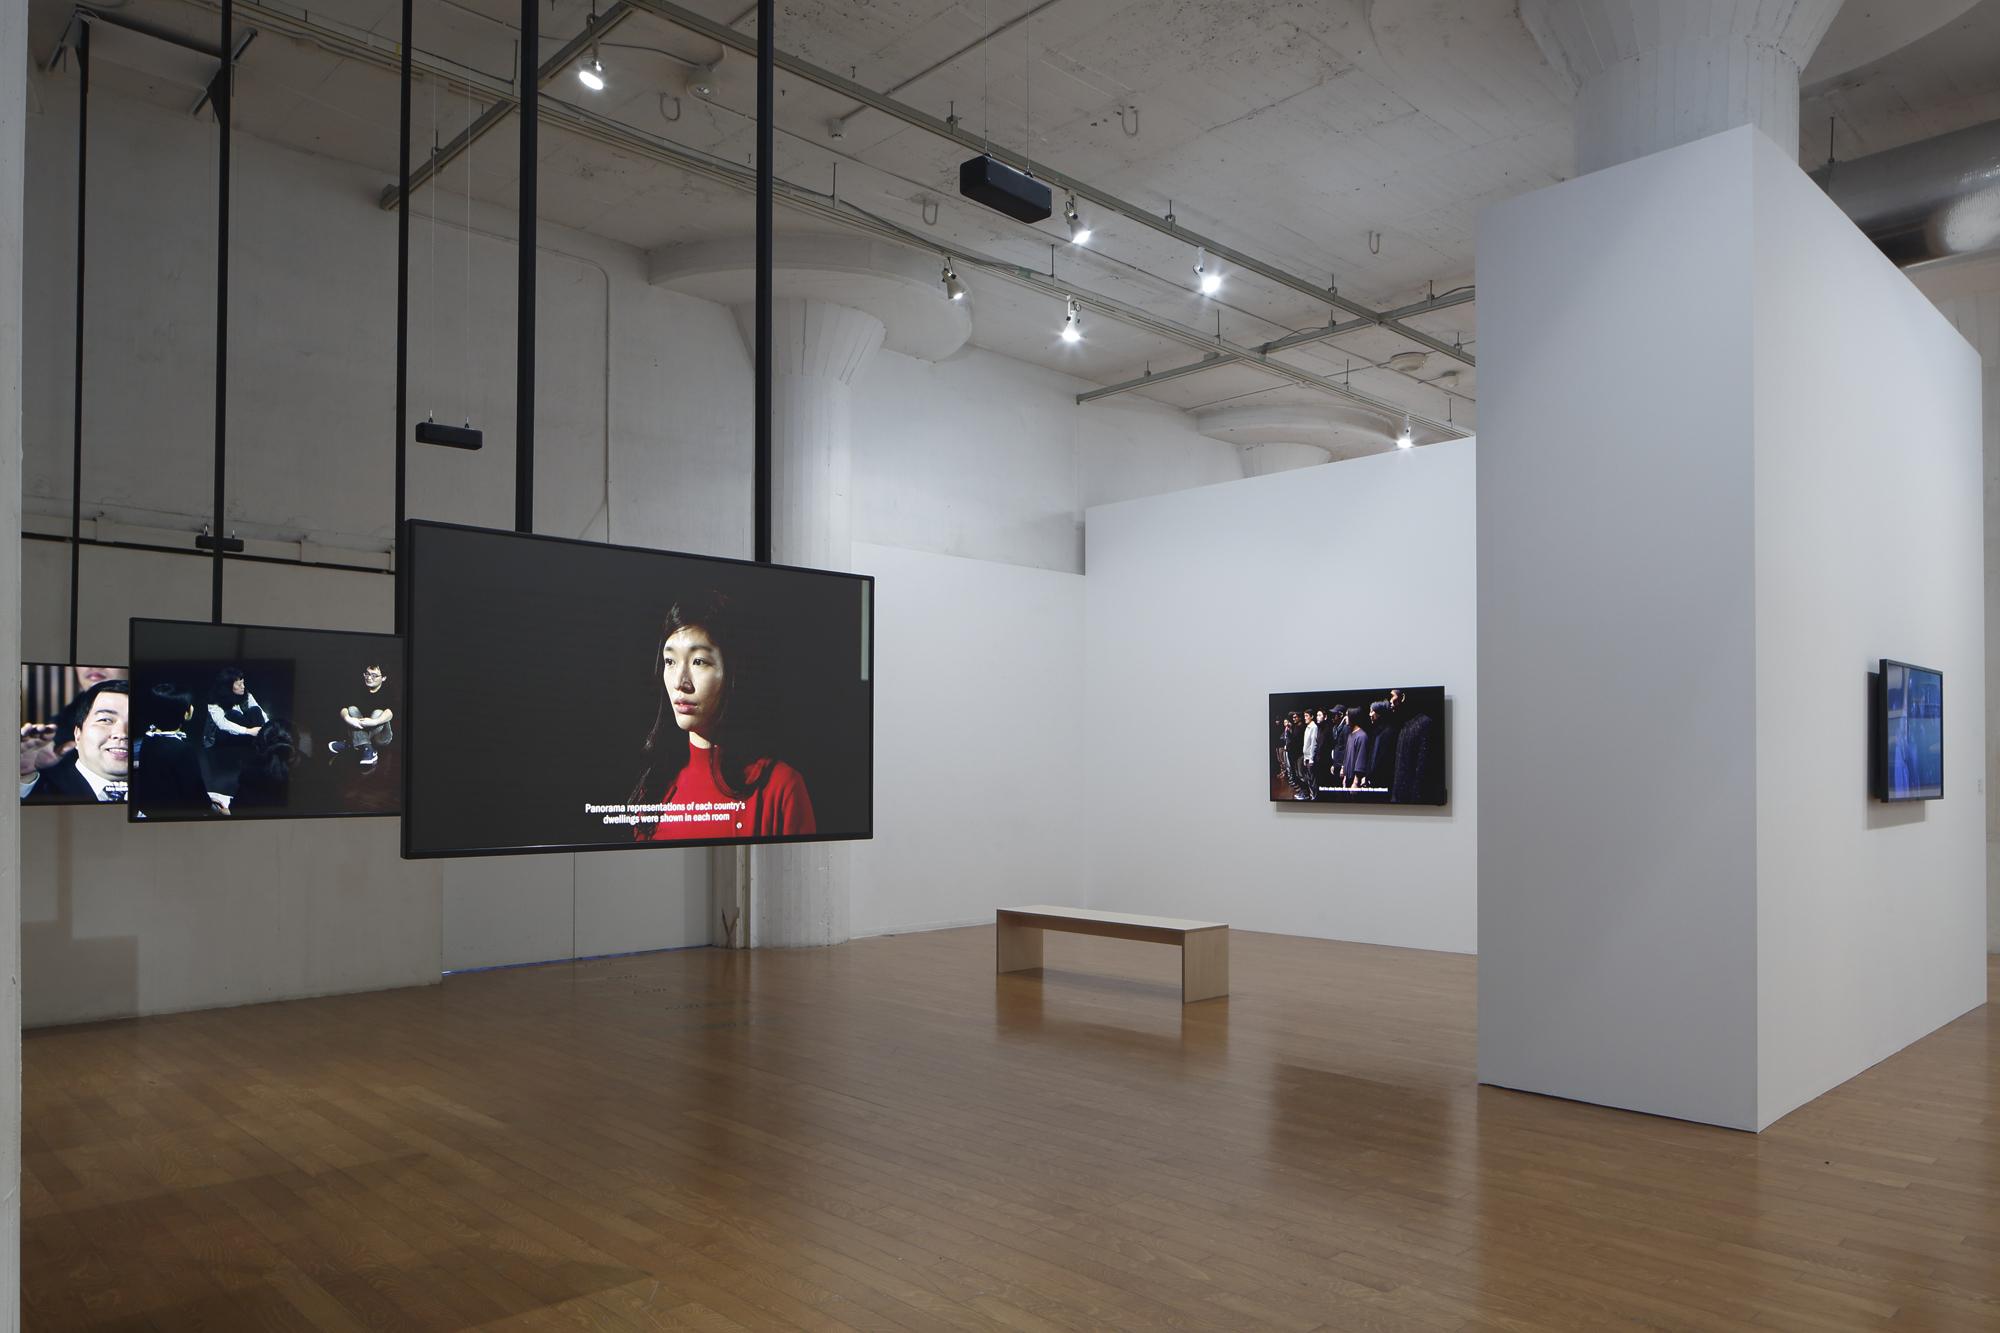 藤井光 「日産アートアワード2017」展示風景 《日本人を演じる》 2017  撮影:木奥惠三